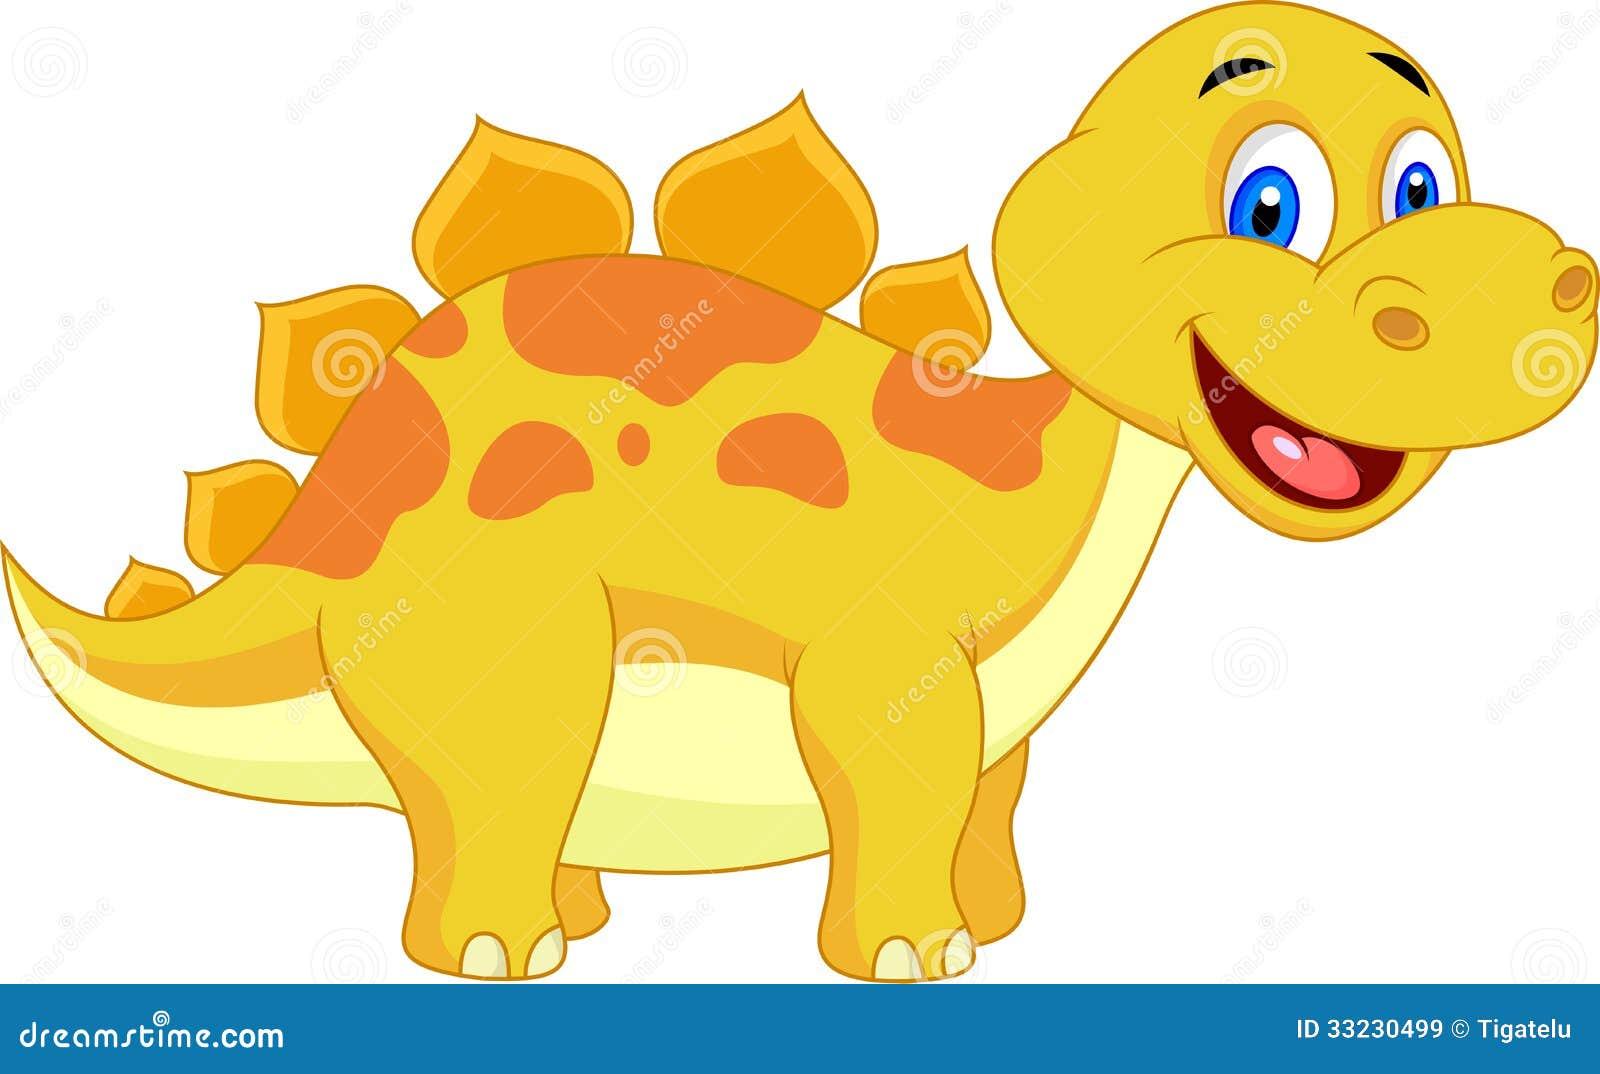 Image of: Vector Illustration Cute Dinosaur Cartoon Dreamstimecom Cute Dinosaur Cartoon Stock Vector Illustration Of Funny 33230499